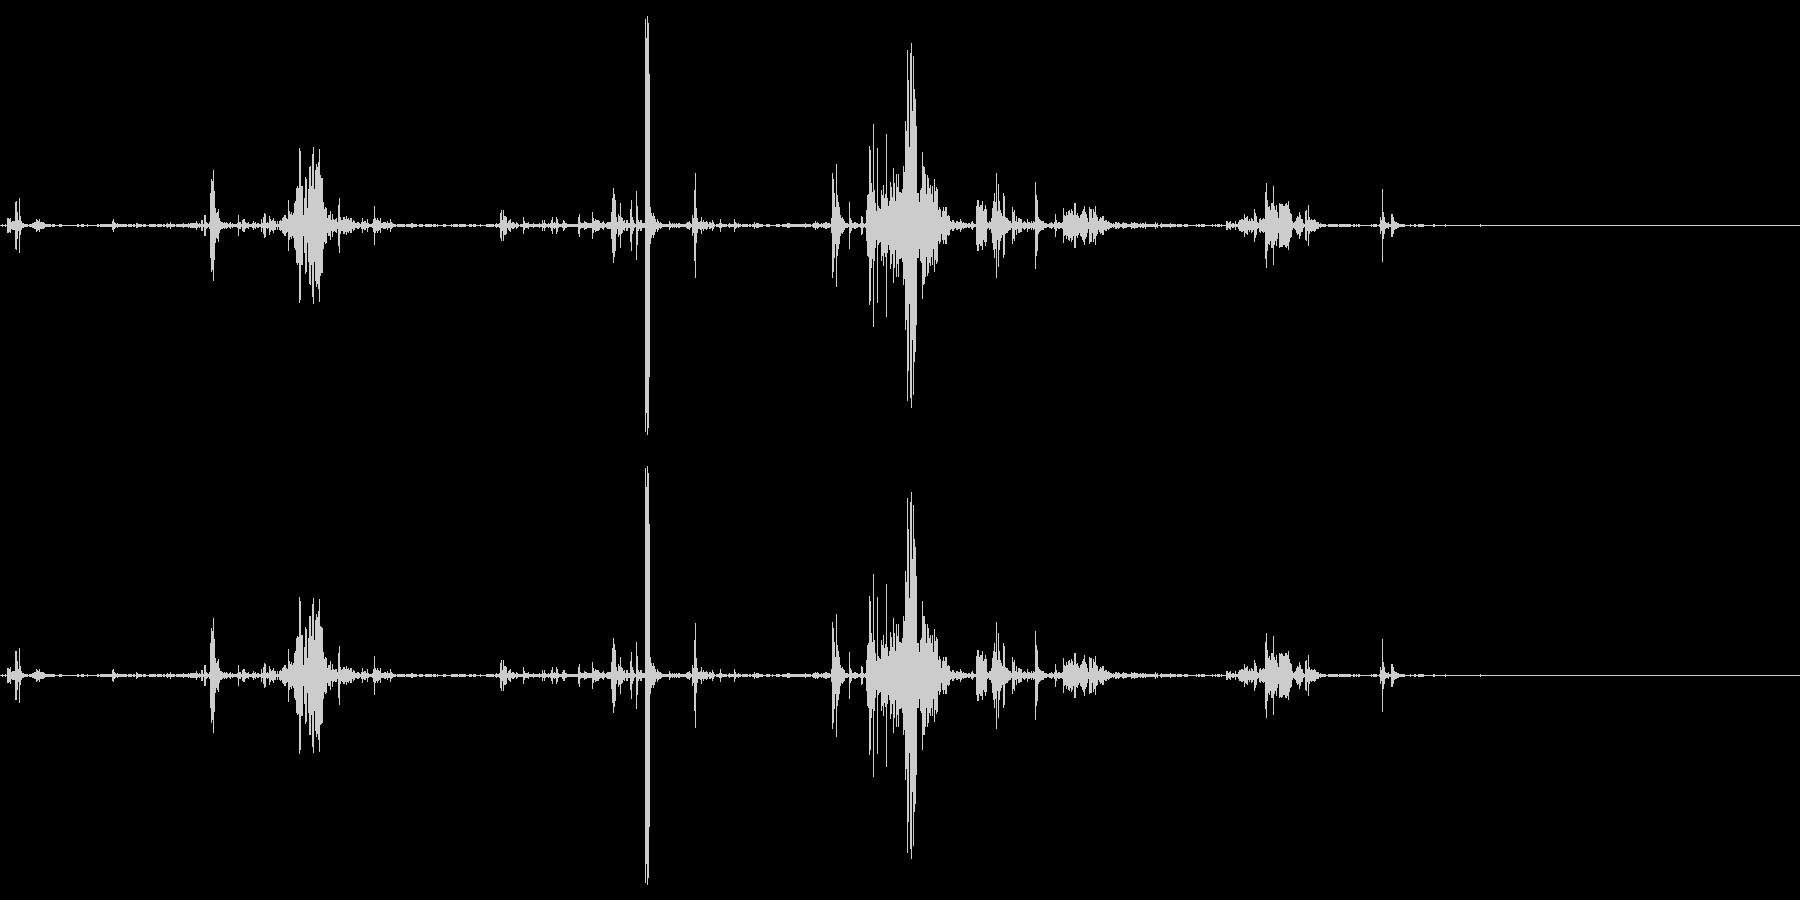 ズルリと何かが落ちる音の未再生の波形